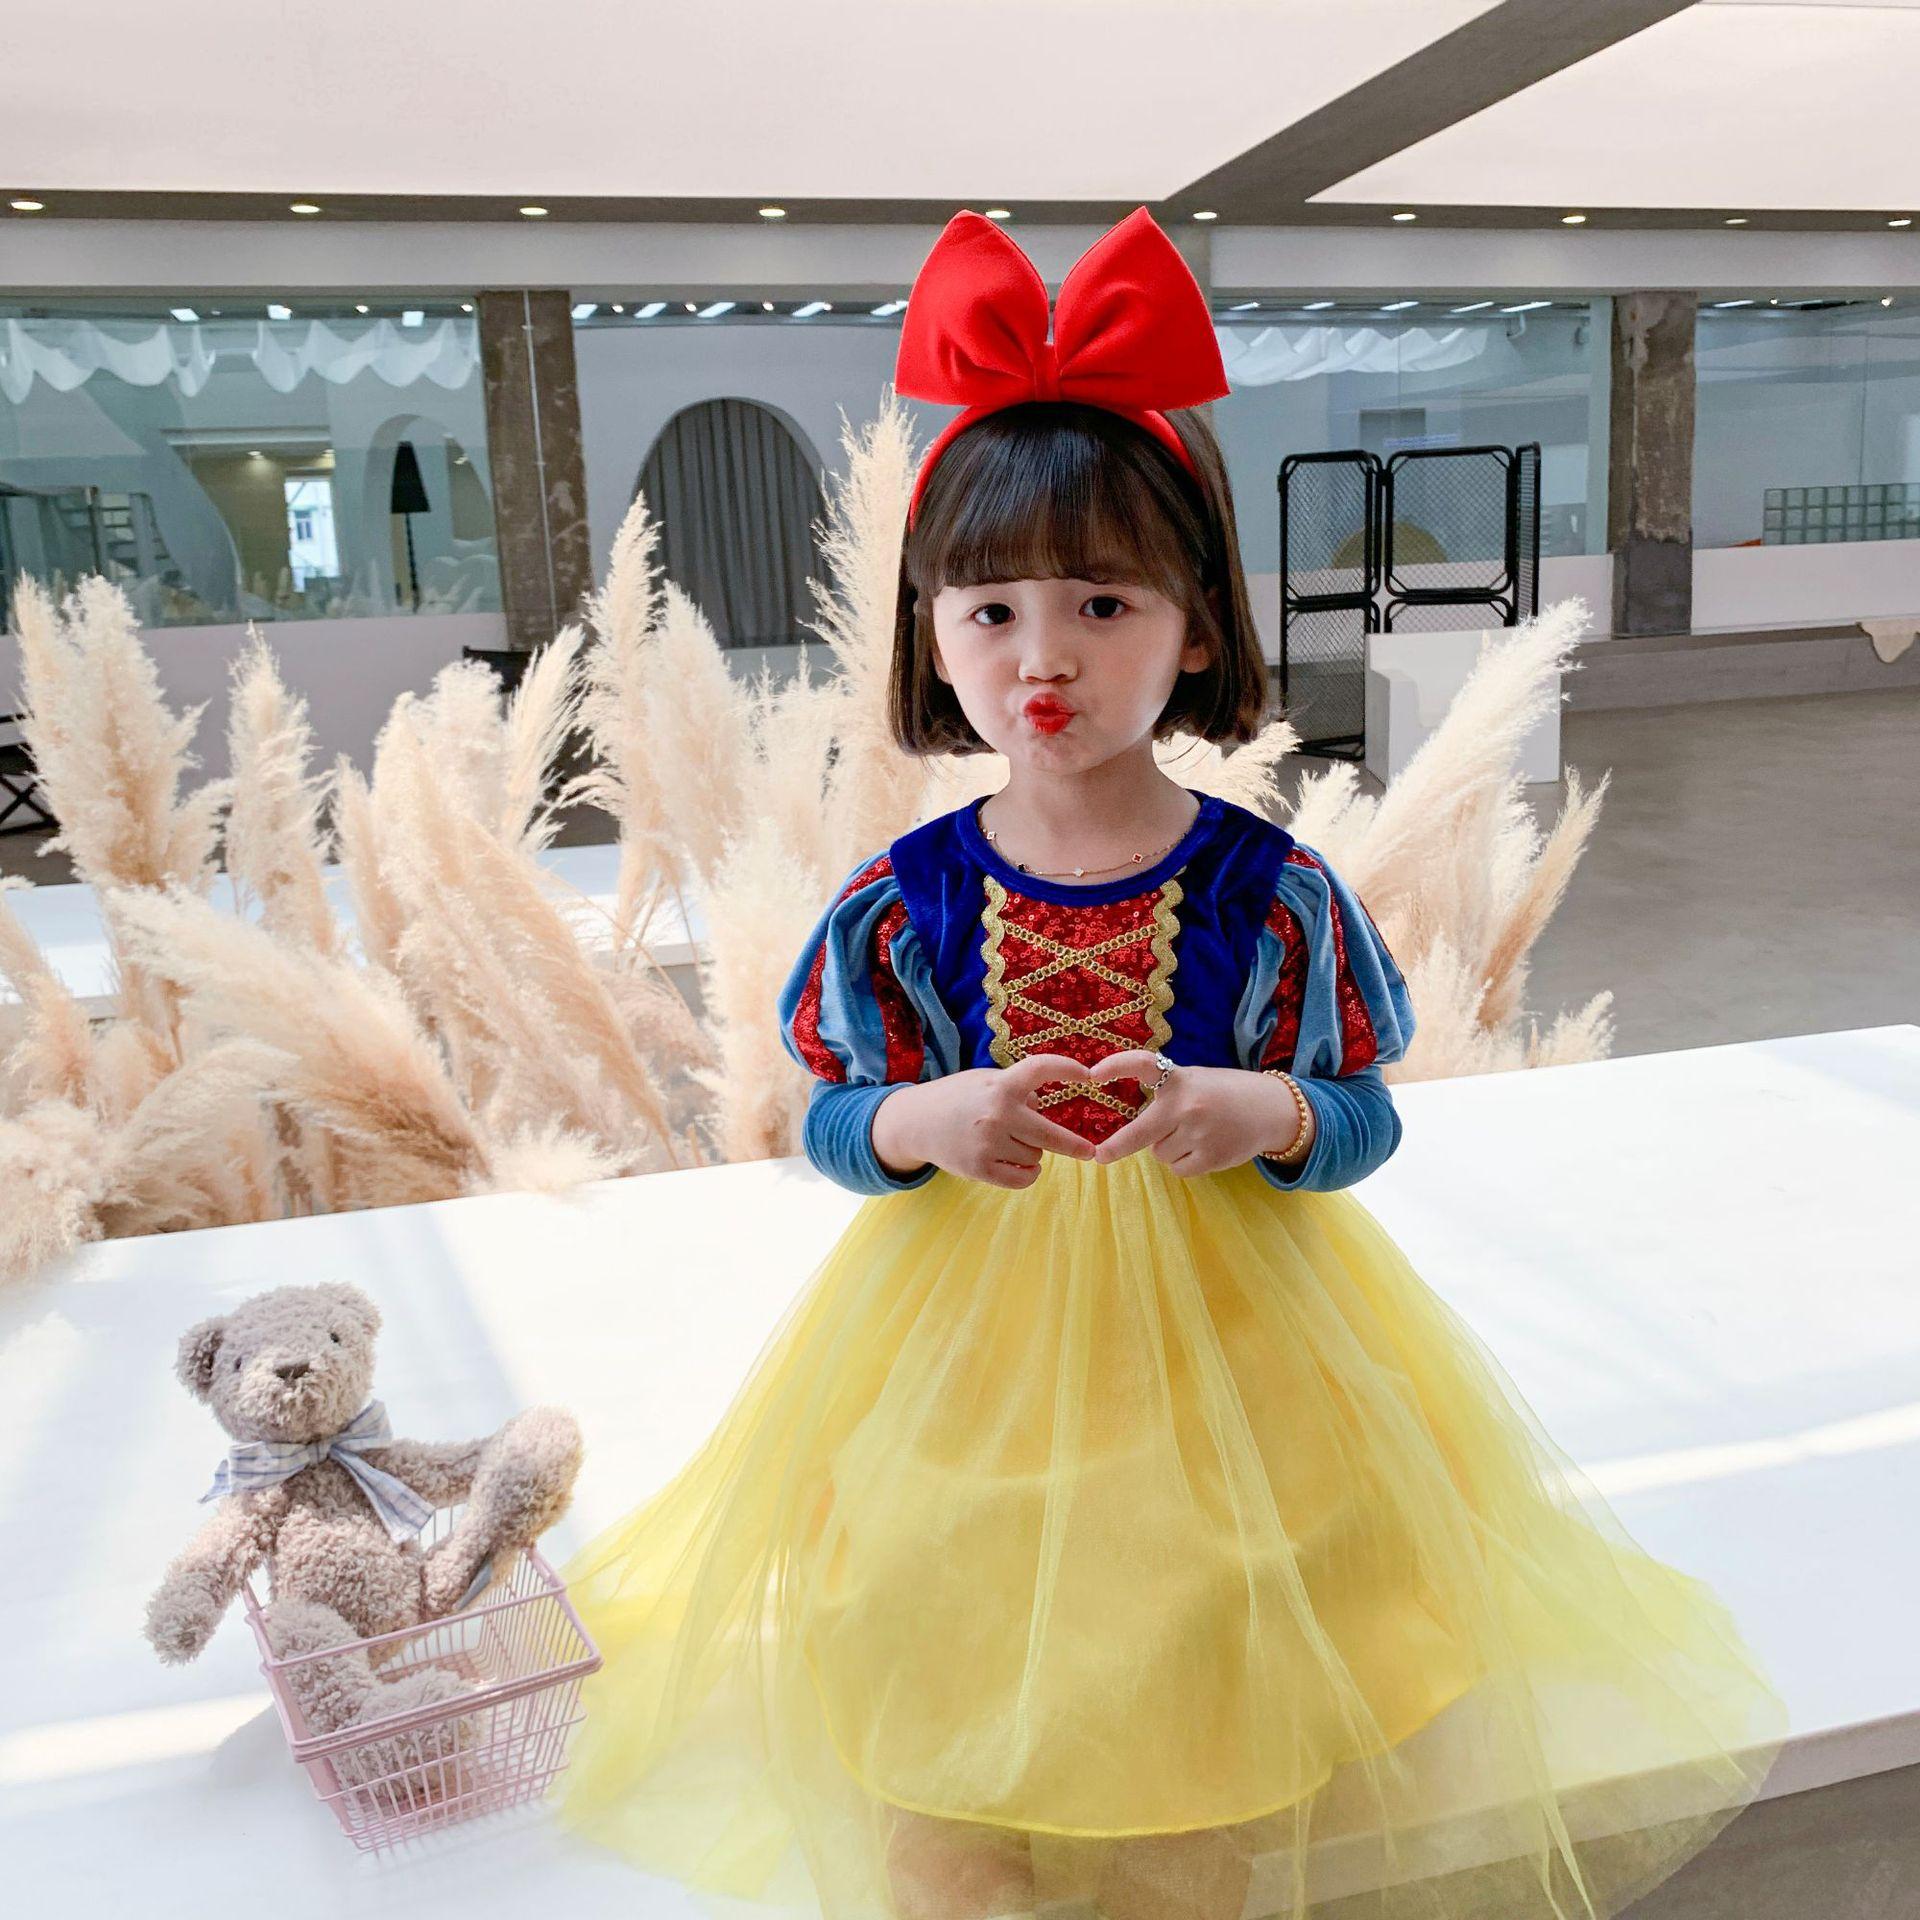 2020 Christmas Children's Skirt Dress Series-Snow White Long Sleeve Princess Dress Velvet Mesh Dress